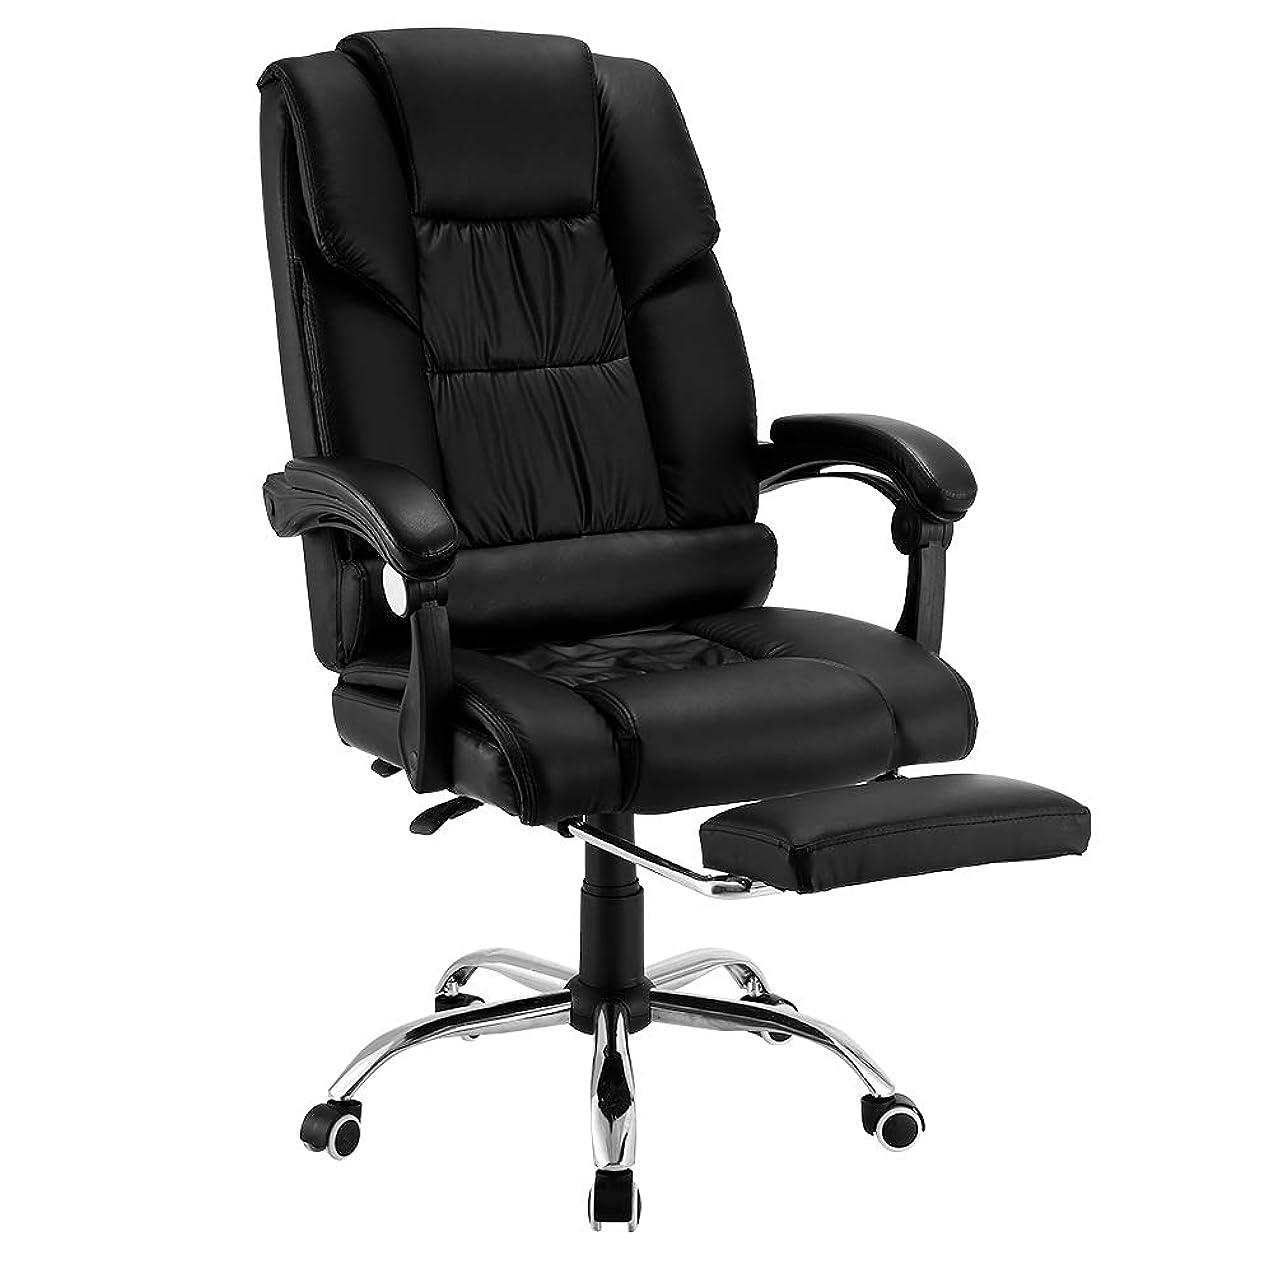 少数運命スクラップブックPananaオフィスチェア ゲーミングチェア パソコンチェア 160度リクライニングチェアー pc椅子イス 社長 椅子 ハイバック ロッキング機能TB11